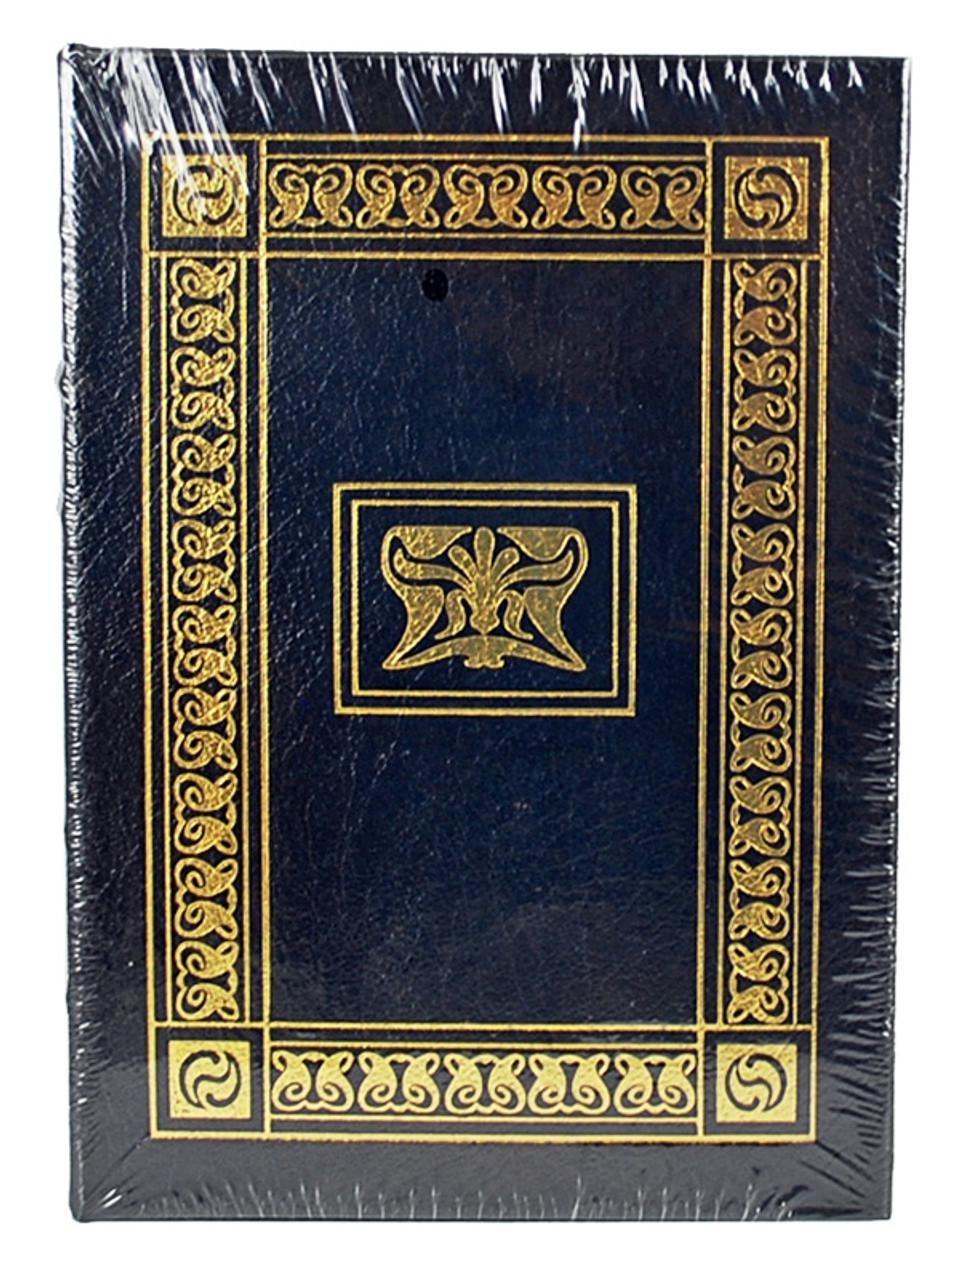 Easton Press Vincent Bugliosi Helter Skelter Signed Limited Edition Leather Bound Book